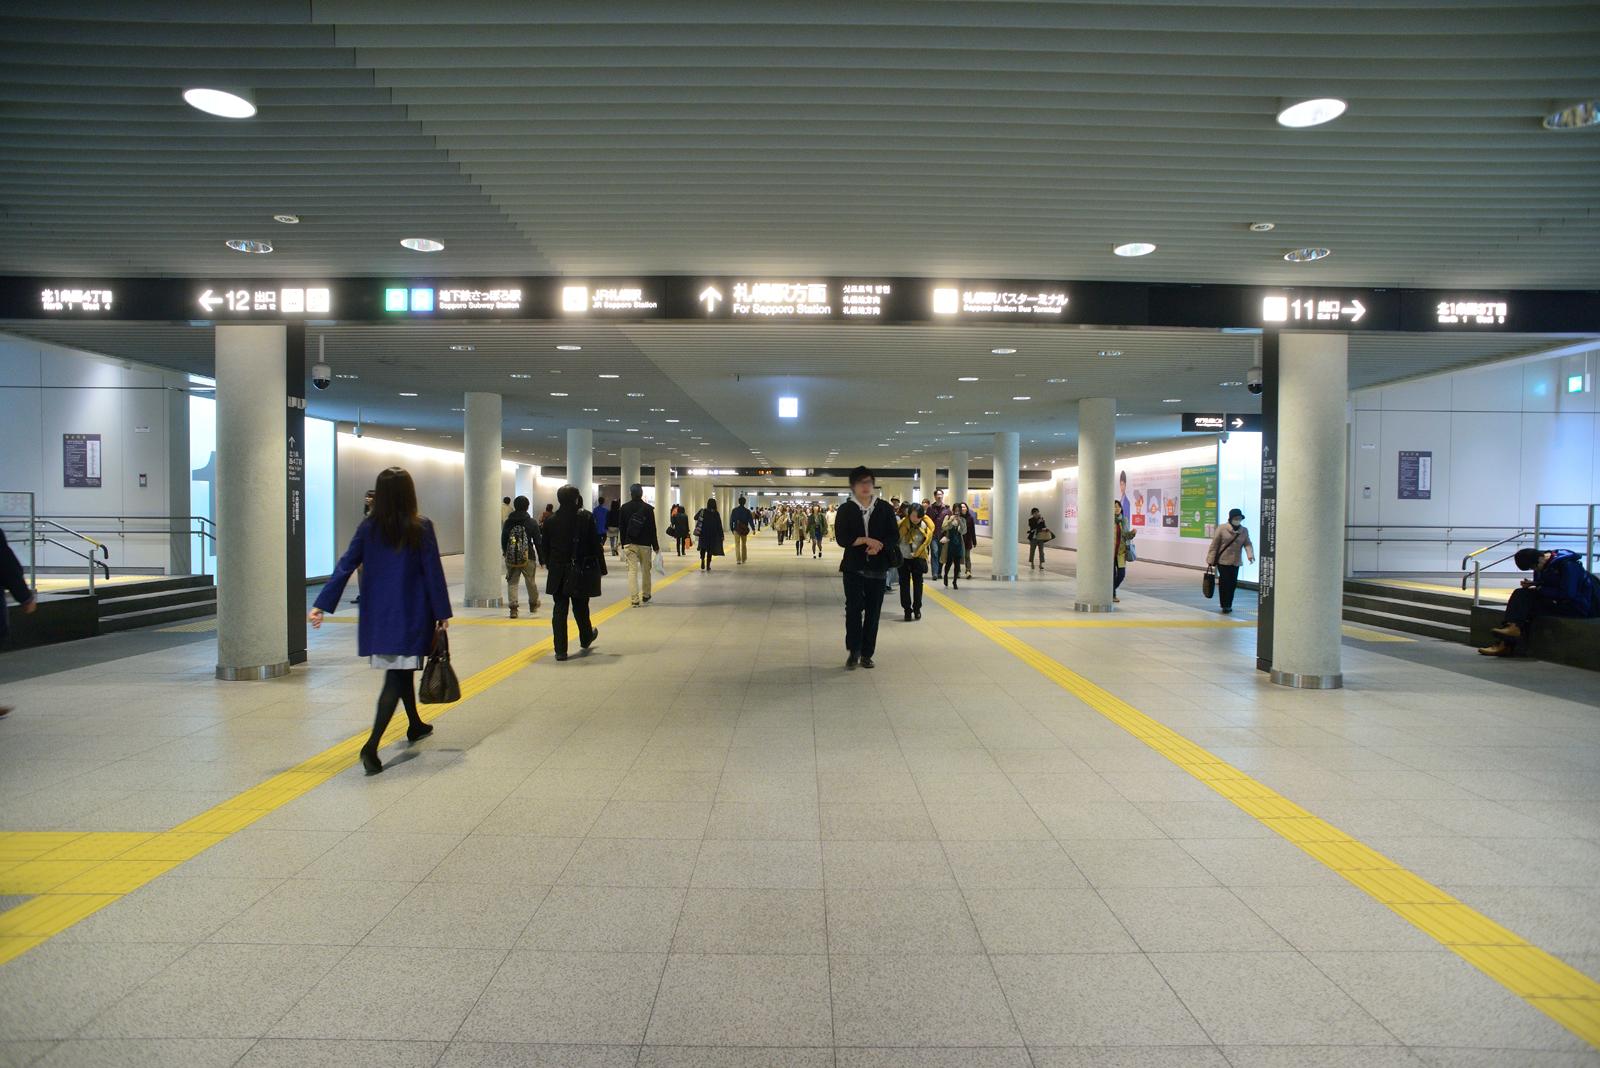 チャレンジふくしまフォーラム in 北海道 中央区 (7/25) 札幌